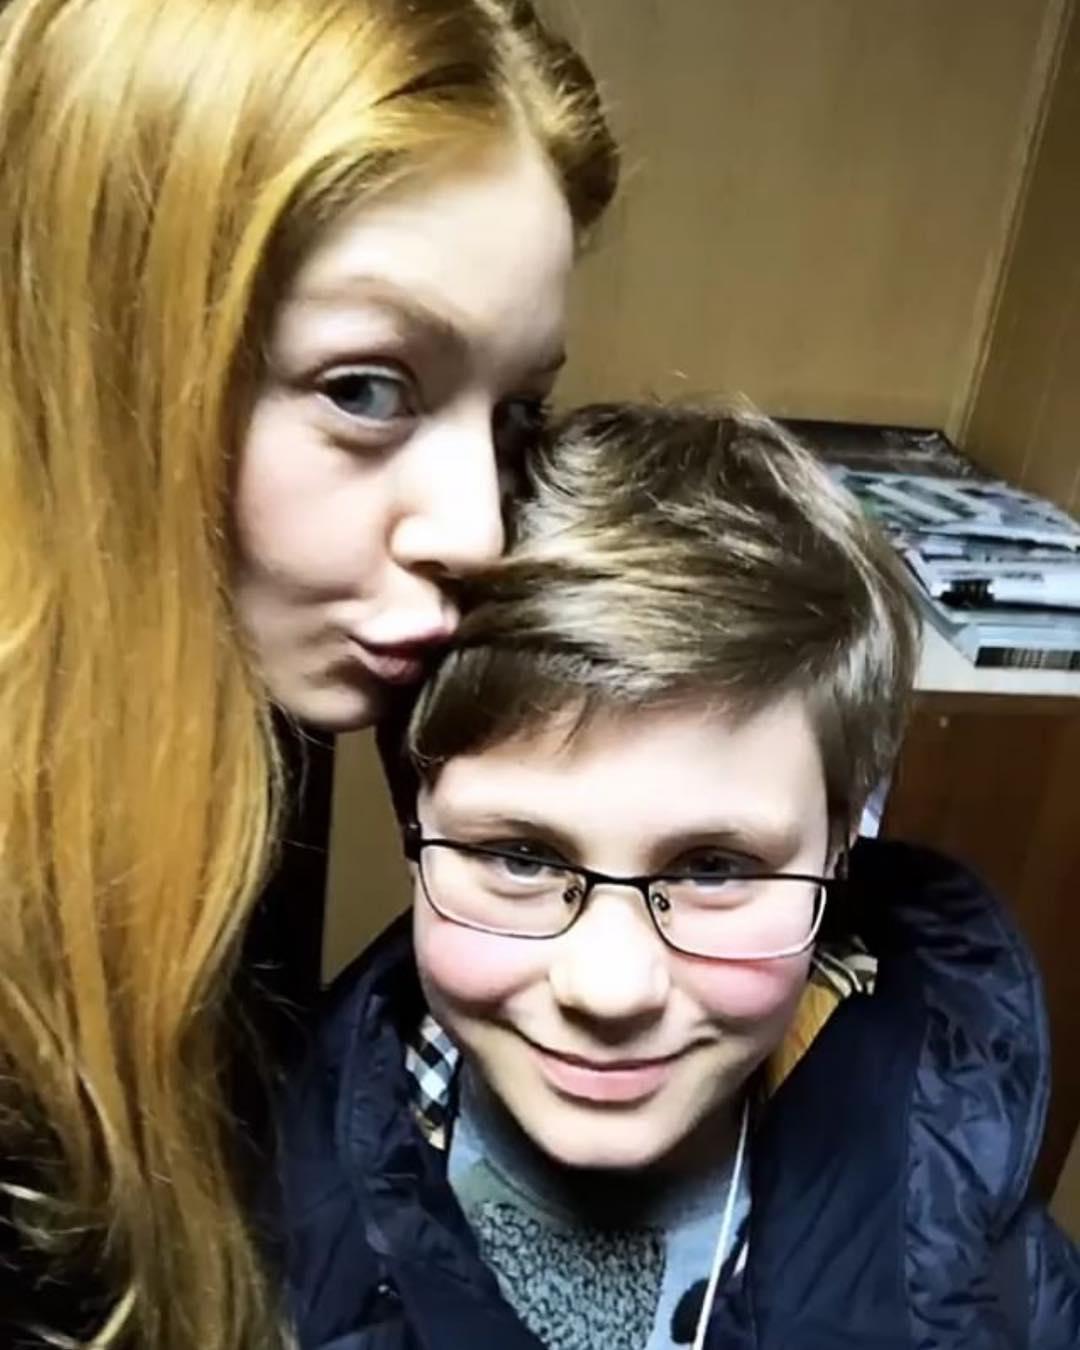 Тина Кароль опубликовала трогательный снимок с сыном